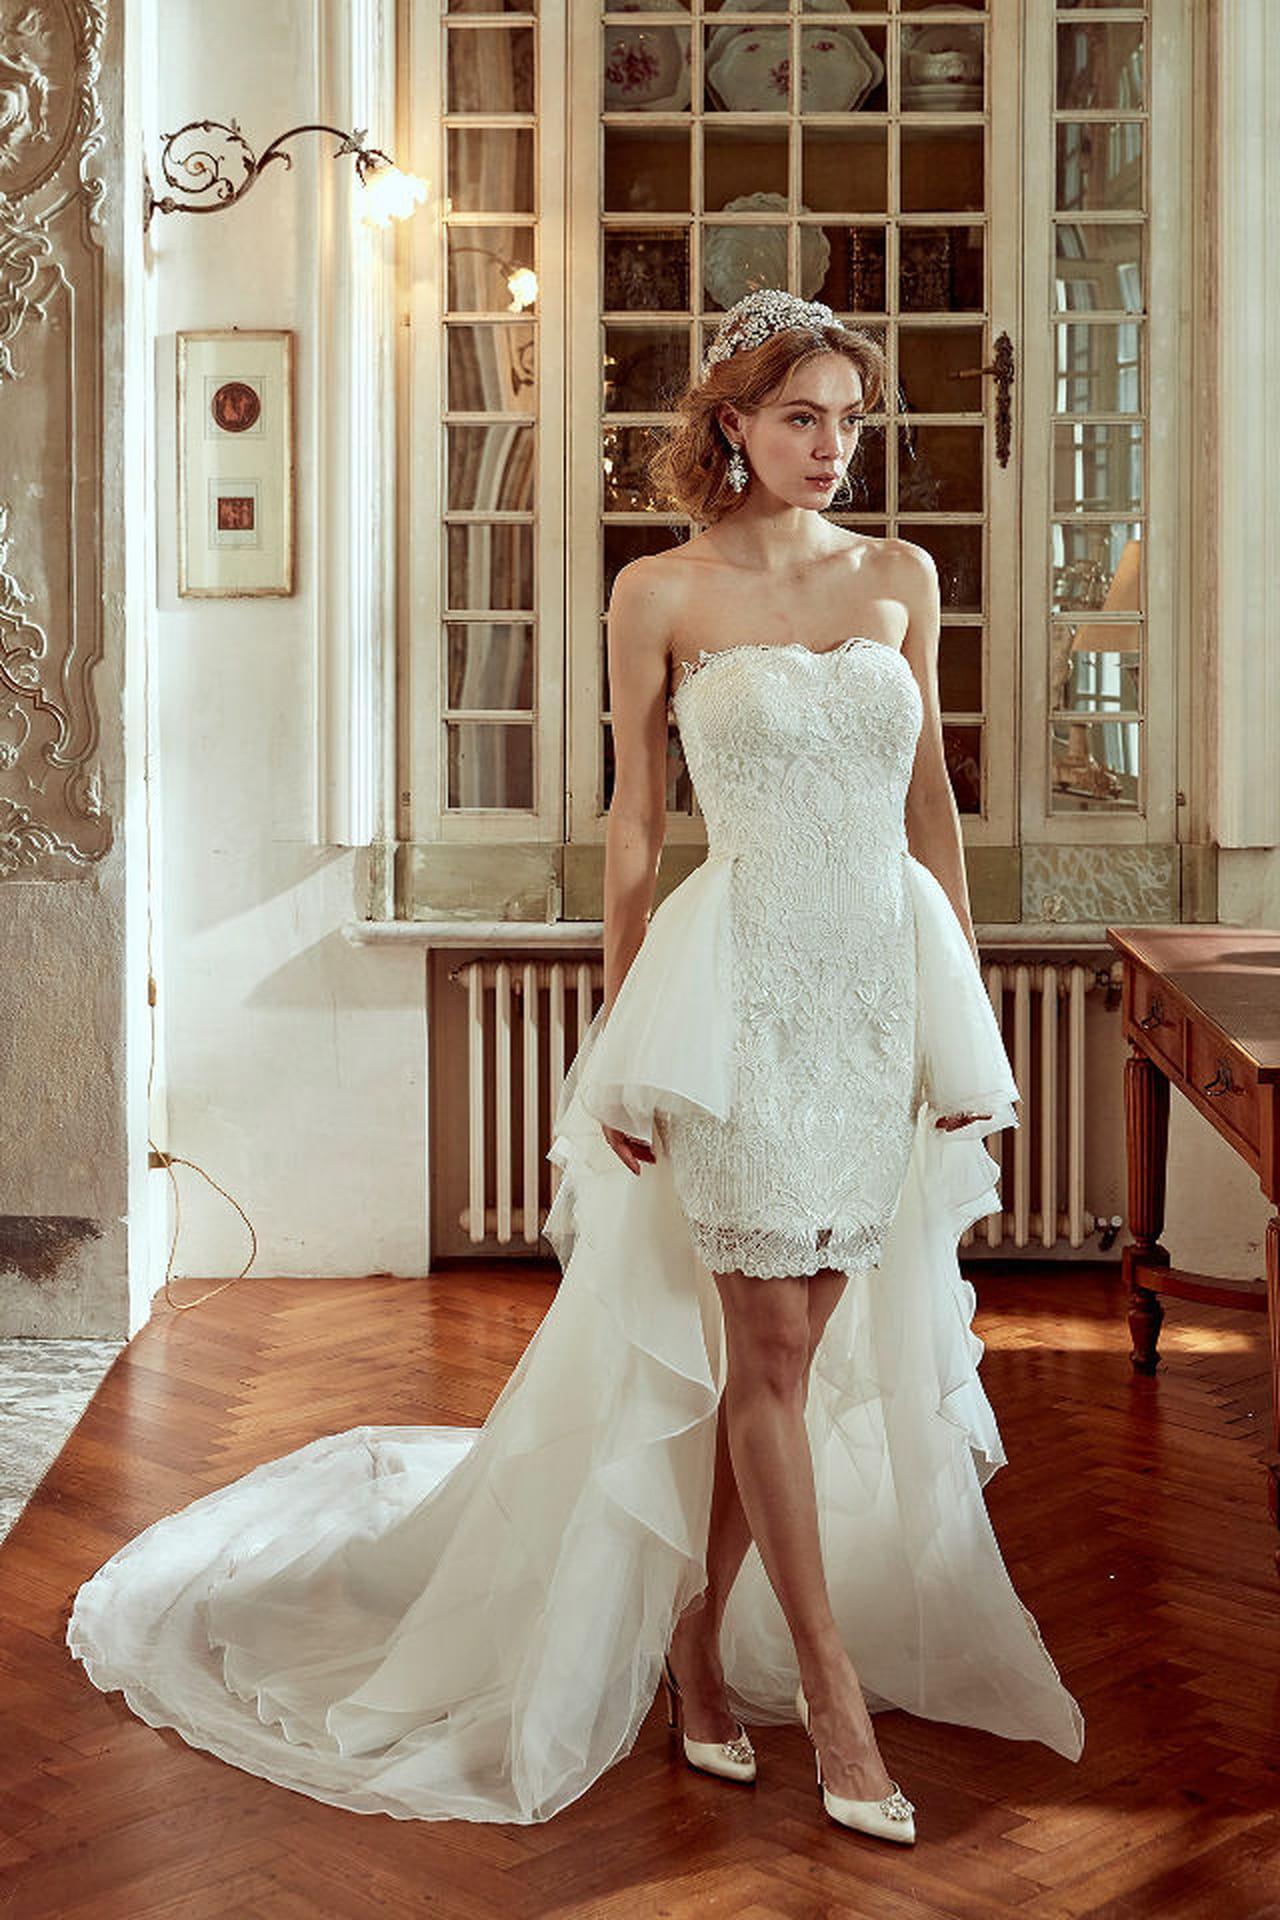 e41dc4b397cf Abito da sposa asimmetrico proposto da Nicole Spose per il 2017. Dedicato  alle donne che amano i vestiti corti ed originali.